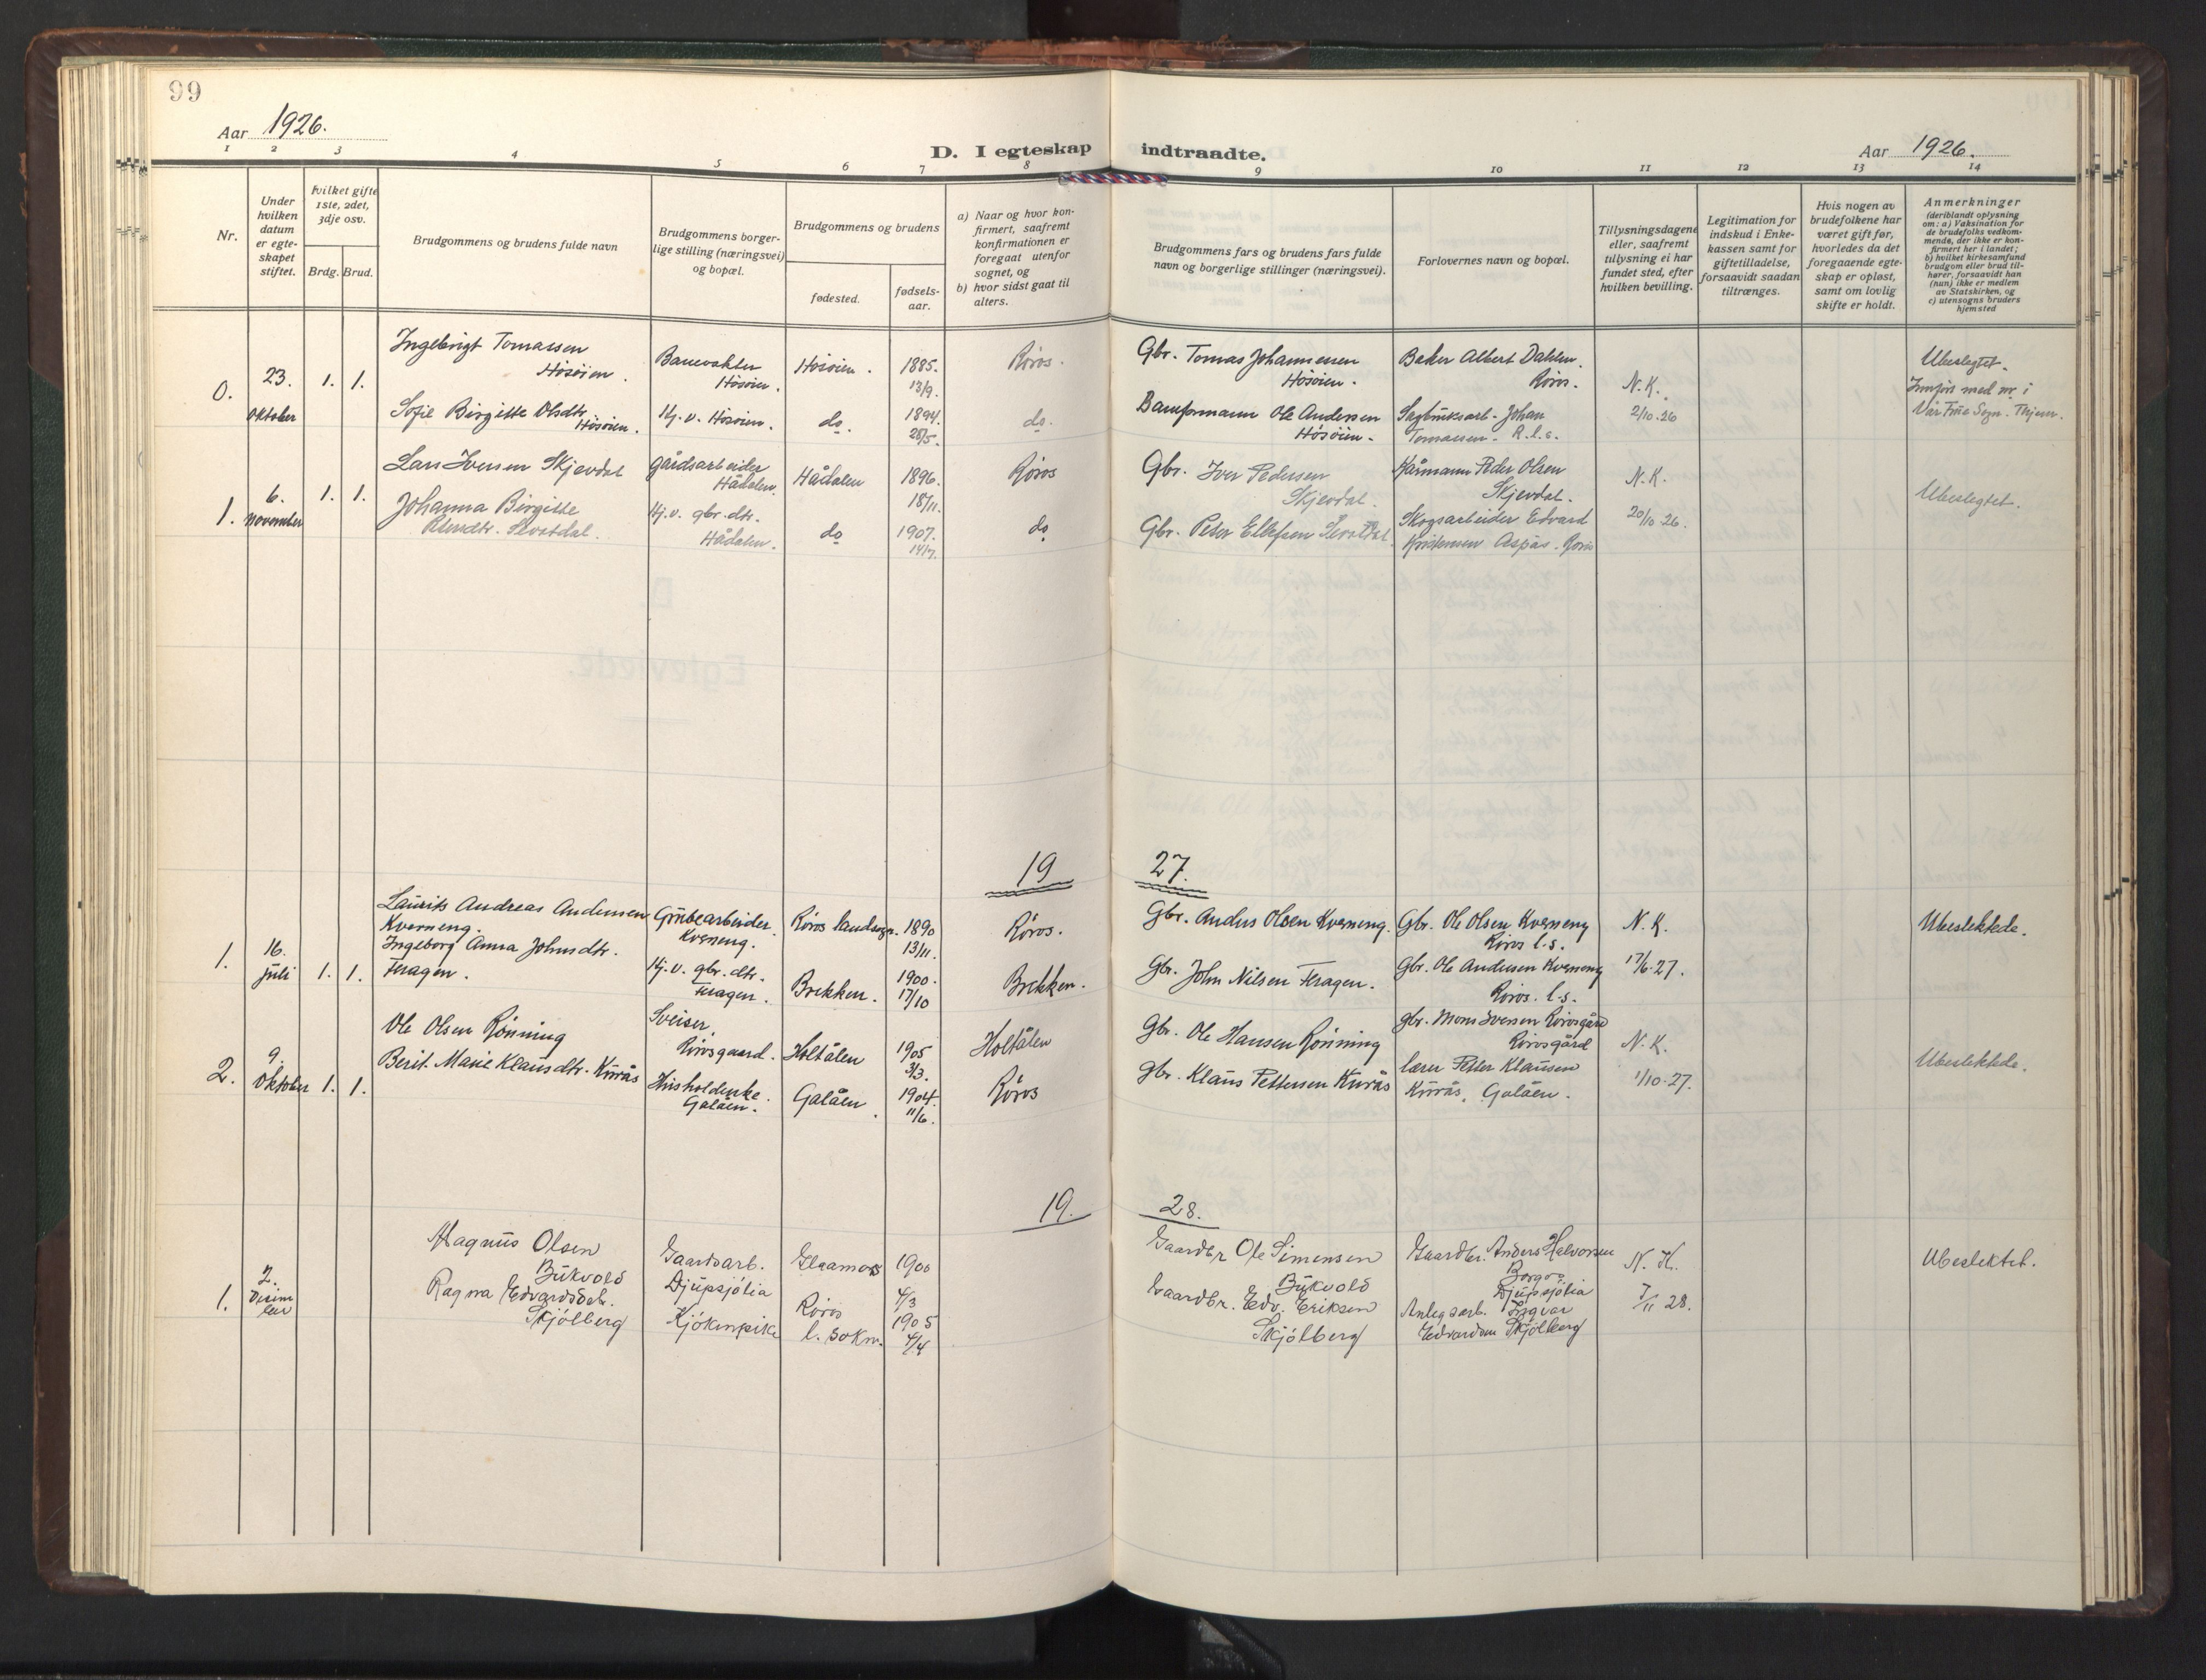 SAT, Ministerialprotokoller, klokkerbøker og fødselsregistre - Sør-Trøndelag, 681/L0944: Klokkerbok nr. 681C08, 1926-1954, s. 99